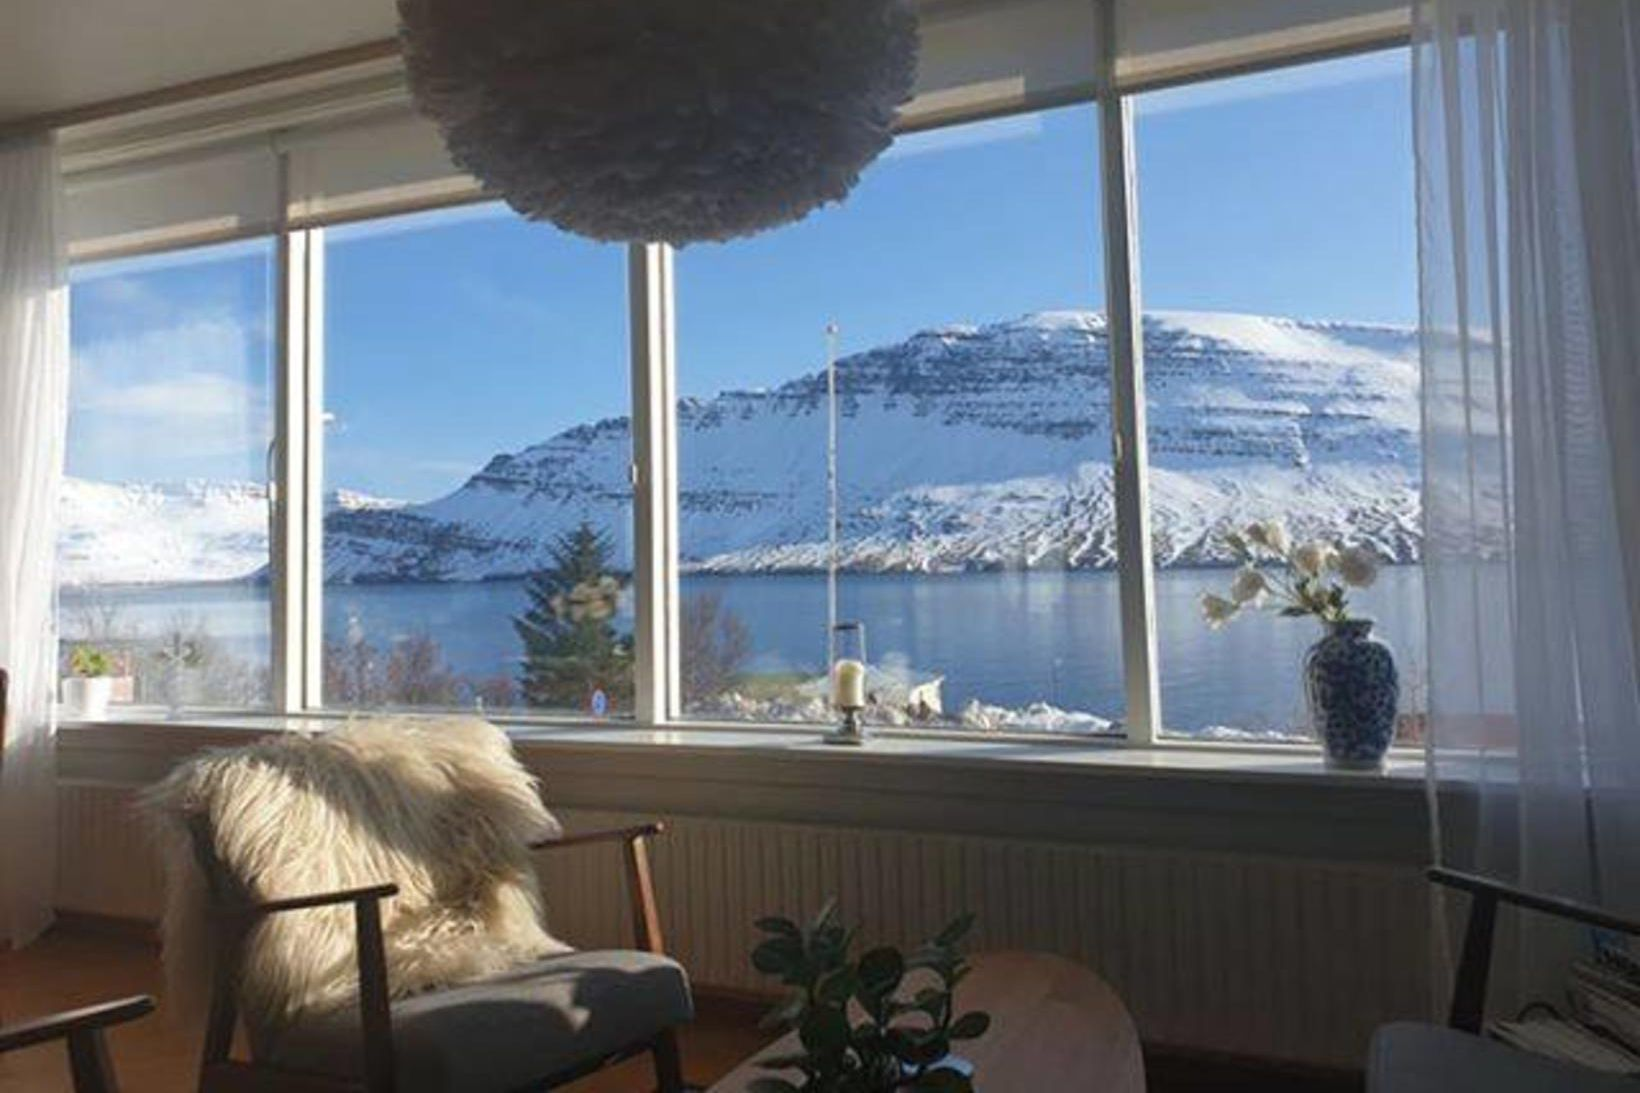 Stórkostlegt útsýni í Neskaupstað. Fjölmargir tóku þátt í áskorun Veðurstofunnar …